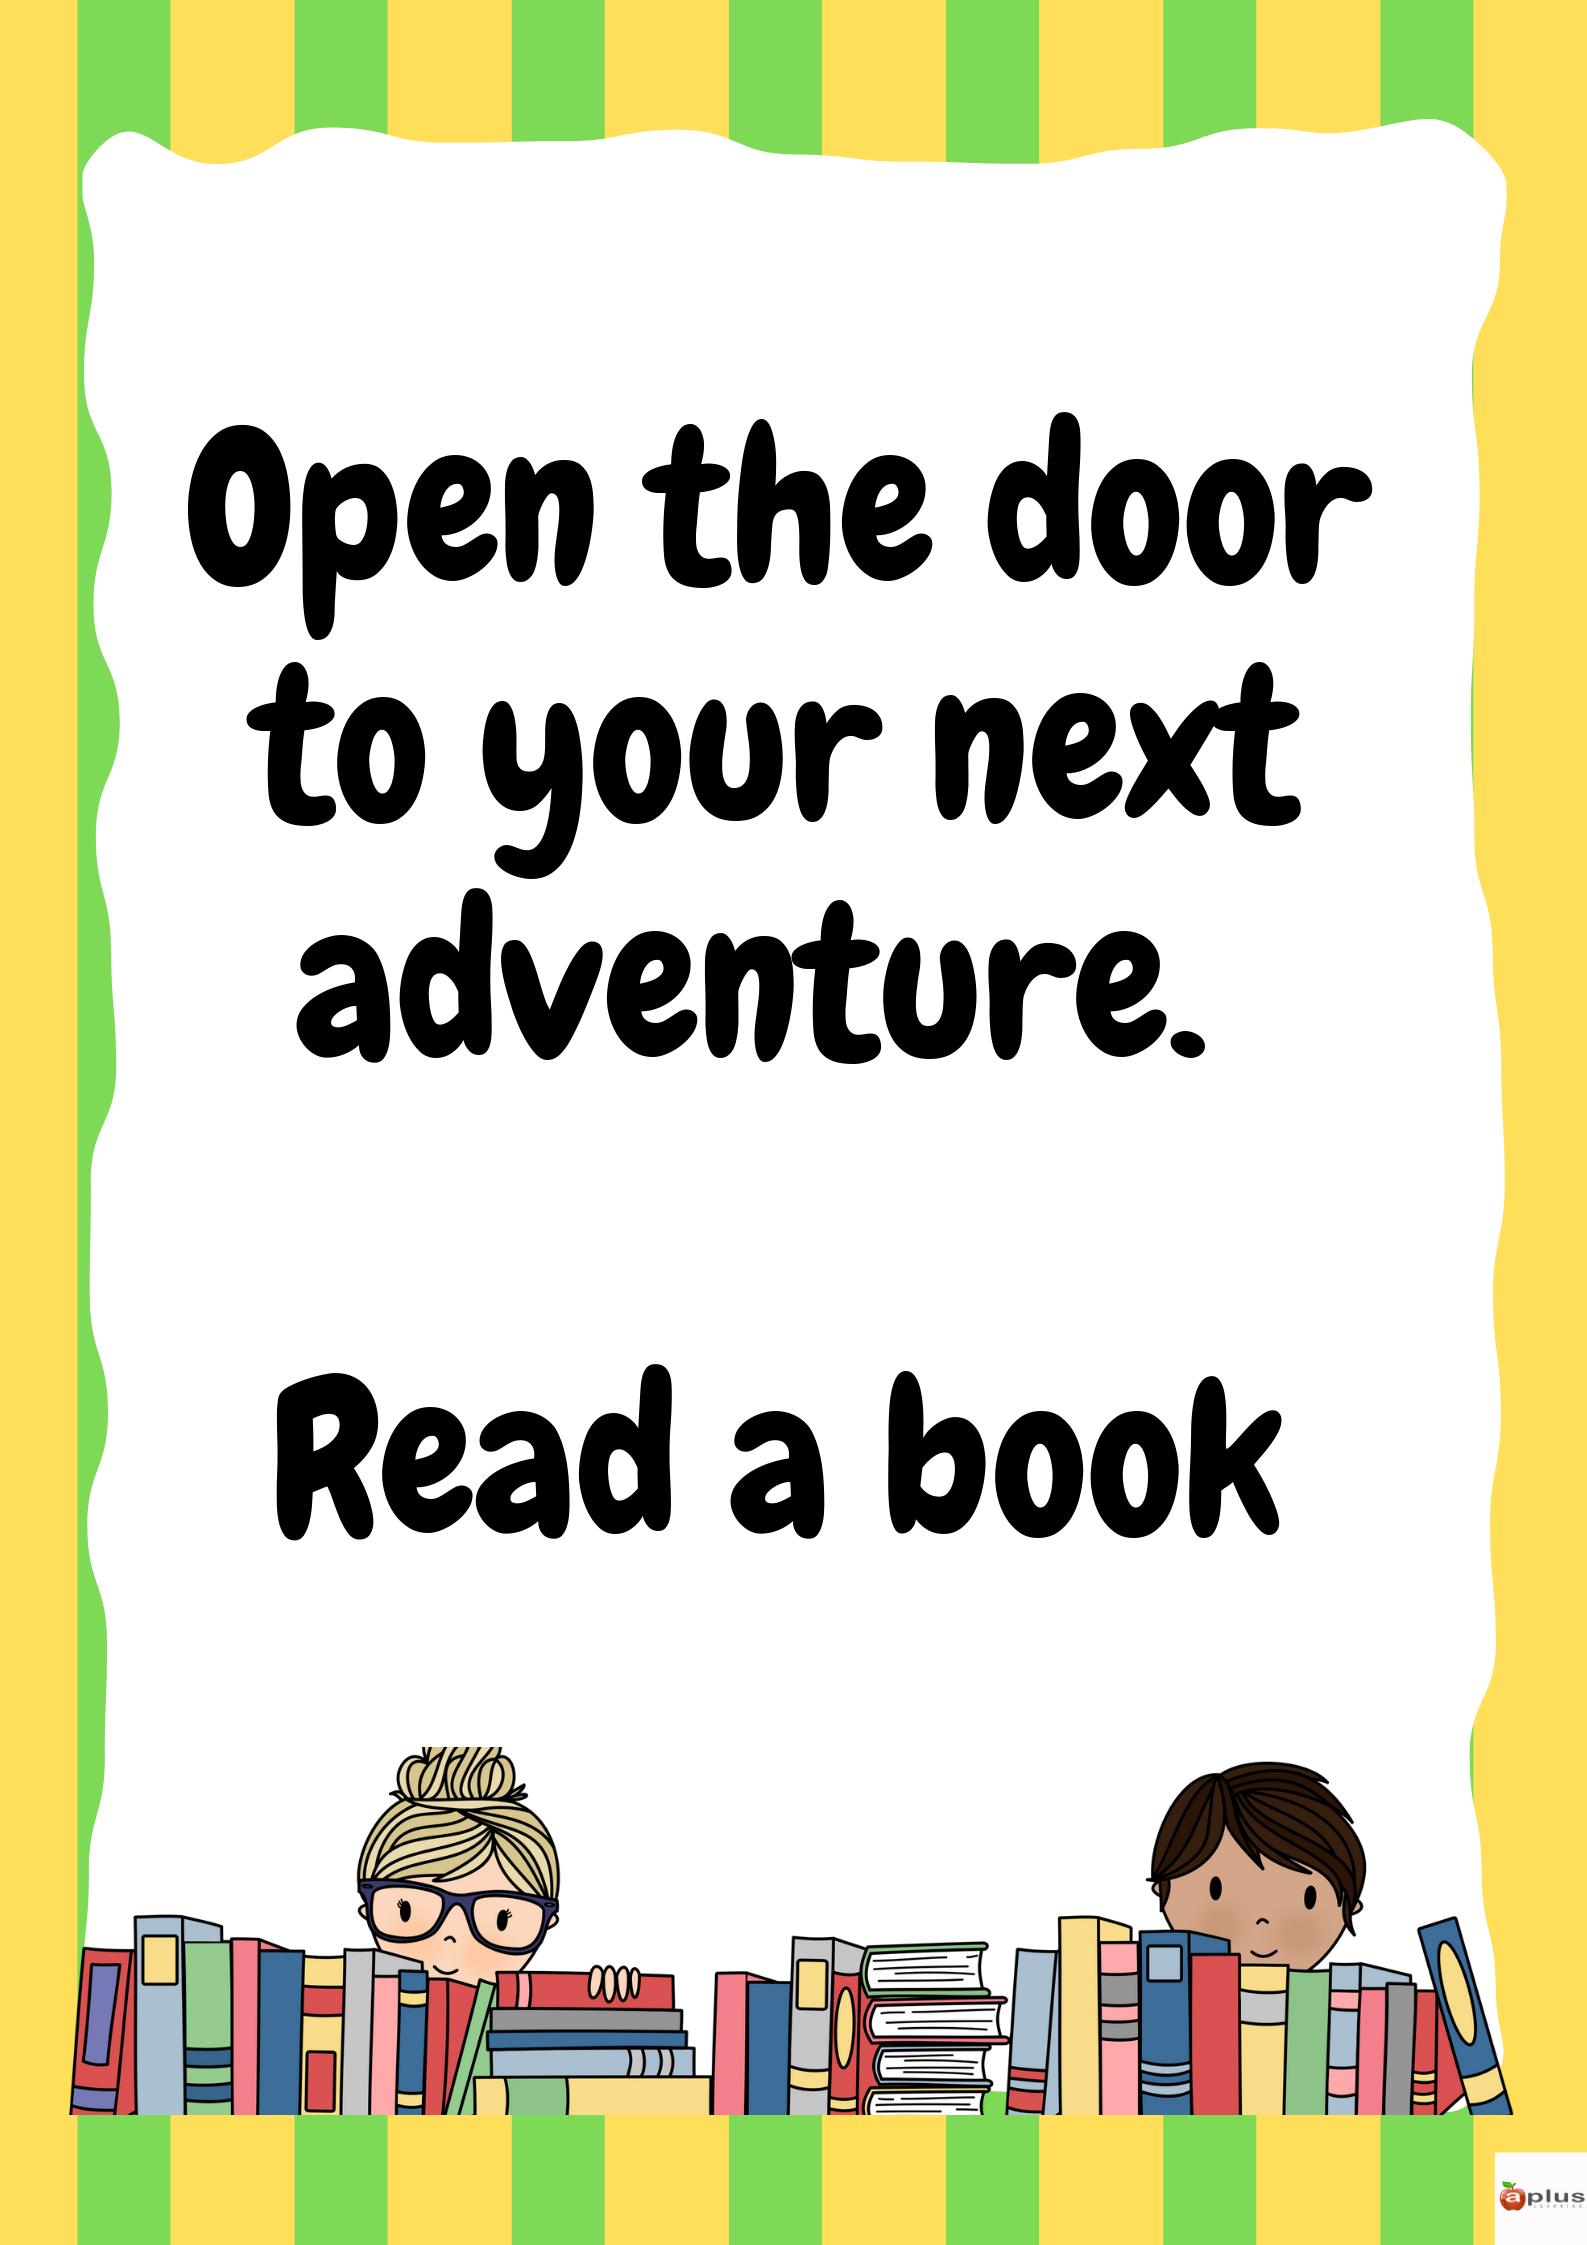 Reading Posters For Kids - Madebyteachers